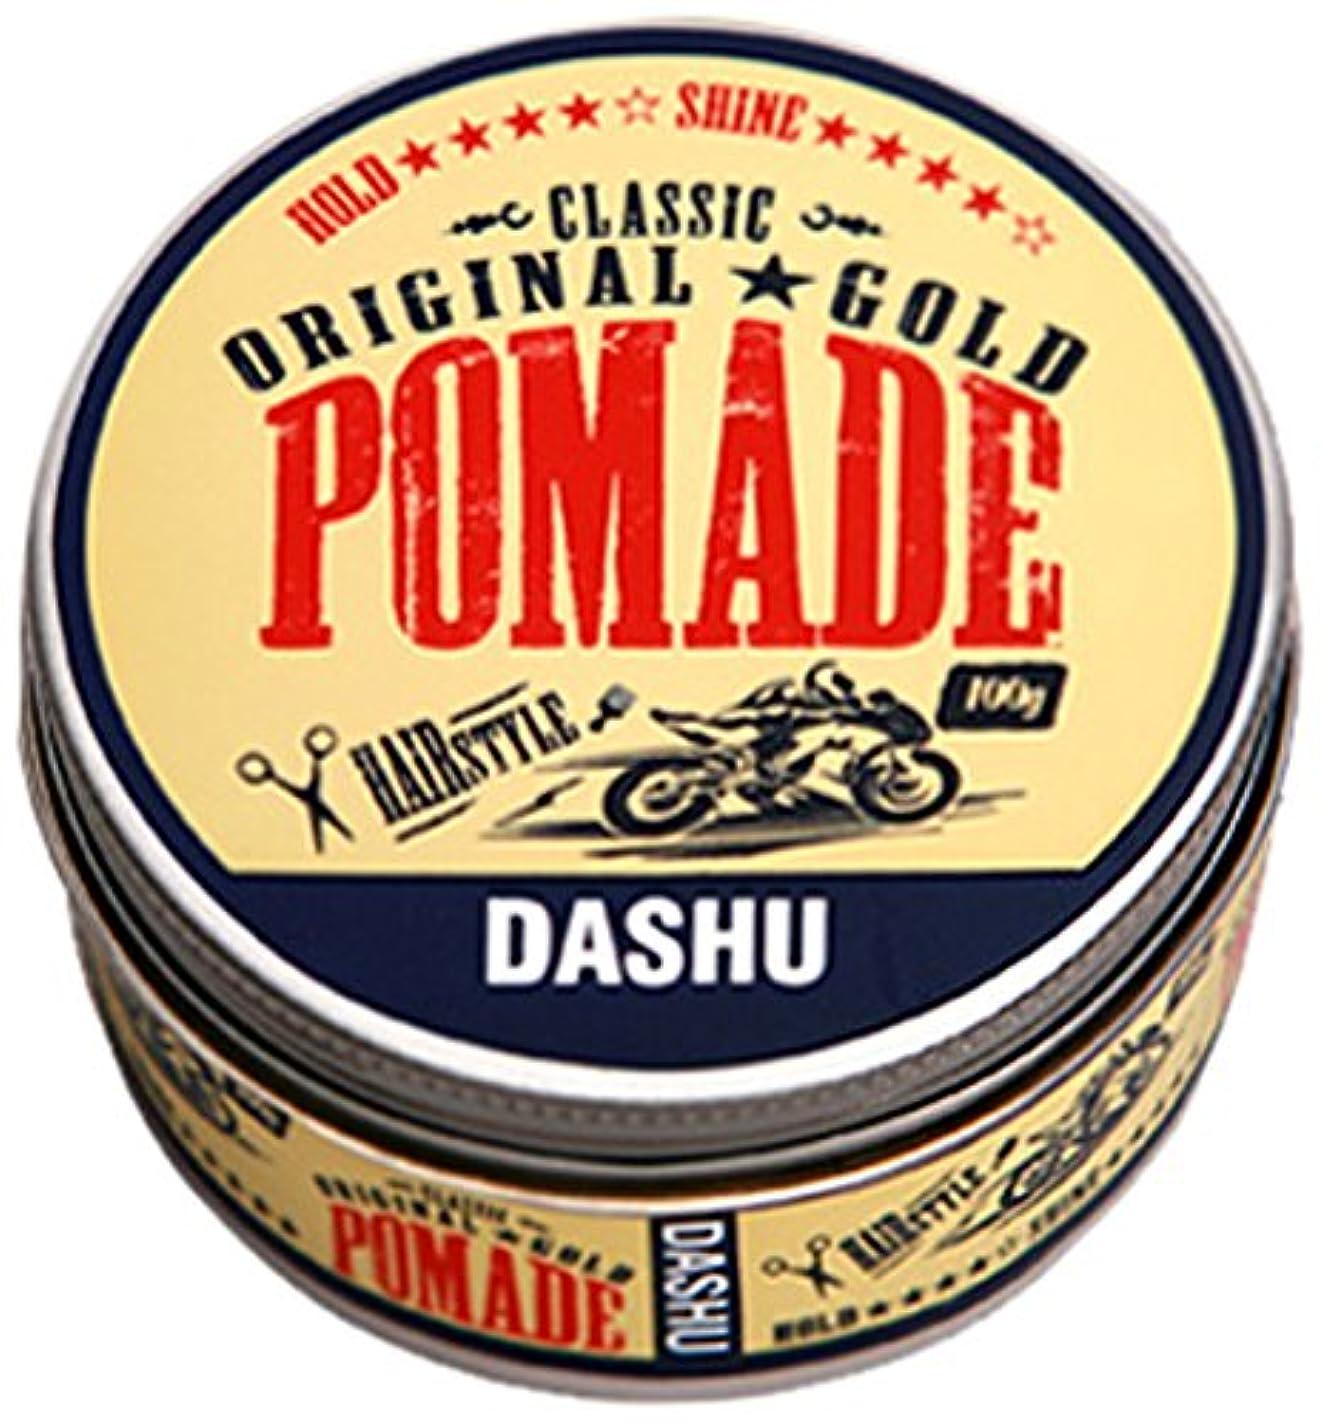 熟達したコーンキャビン[DASHU] ダシュ クラシックオリジナルゴールドポマードヘアワックス Classic Original Gold Pomade Hair Wax 100ml / 韓国製 . 韓国直送品